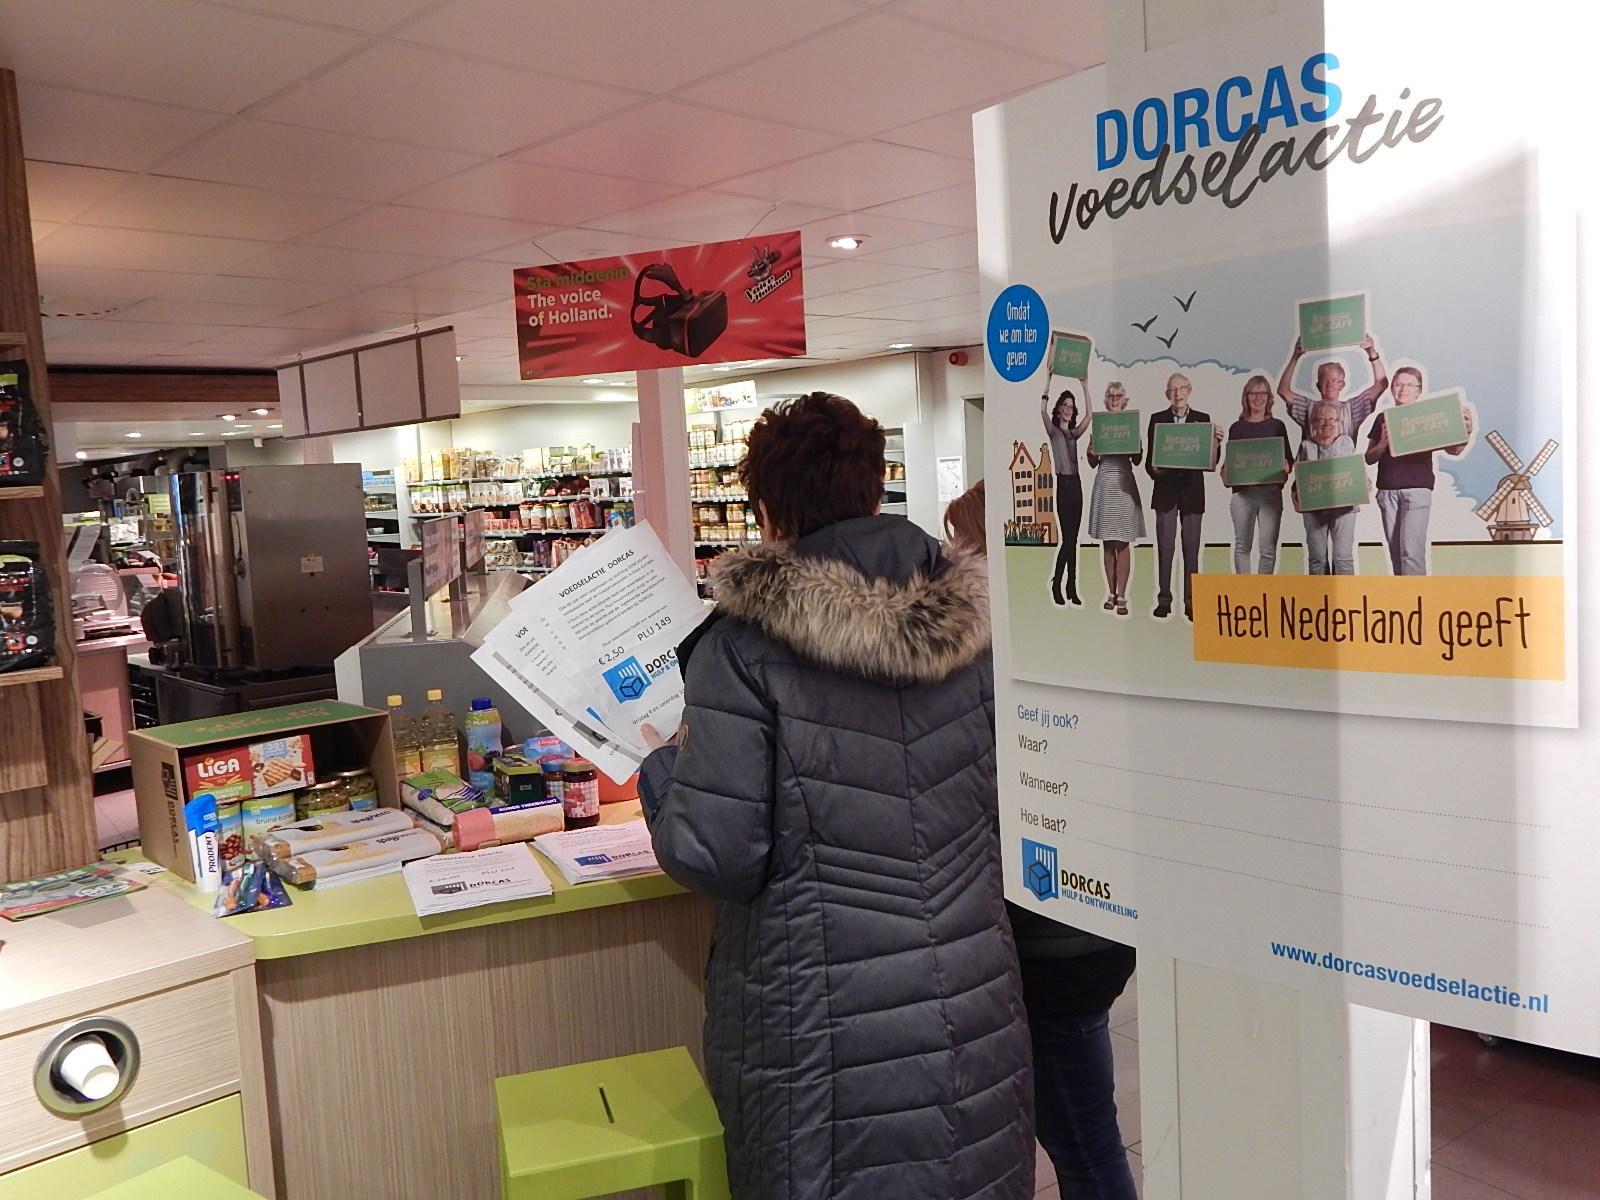 Dorcas gaat geld inzamelen in plaats van pakketten in supermarkt, kerk en school